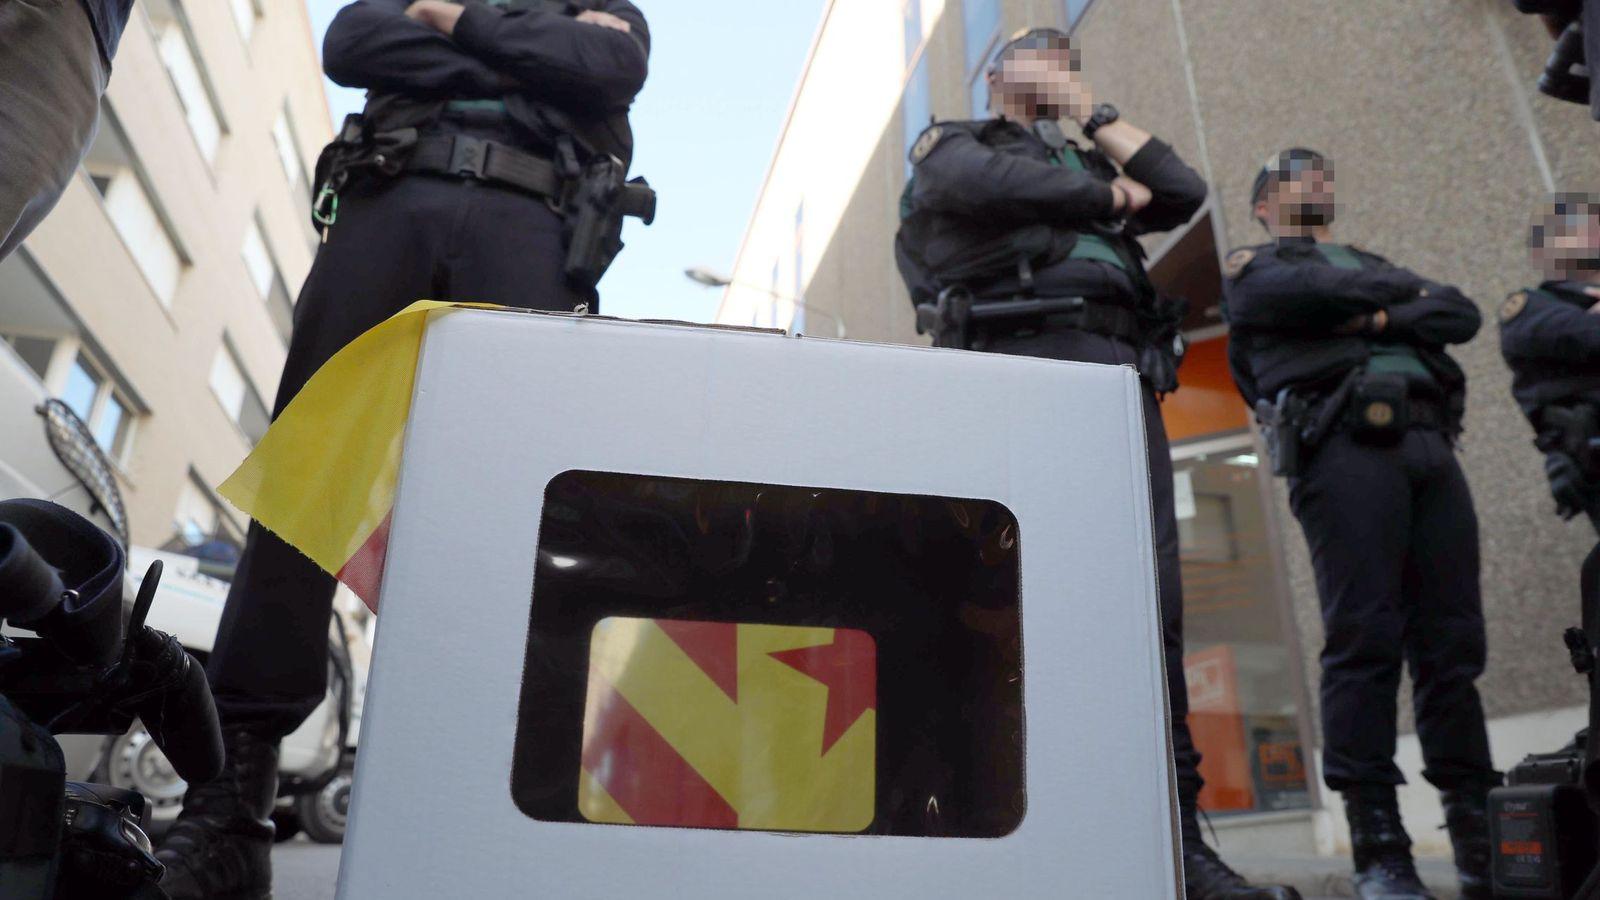 Foto: La Guardia Civil protege el acceso a la oficina de Unipost en Terrassa, donde se ha incautado documentación relacionada con el censo del referéndum del 1-O. (EFE)